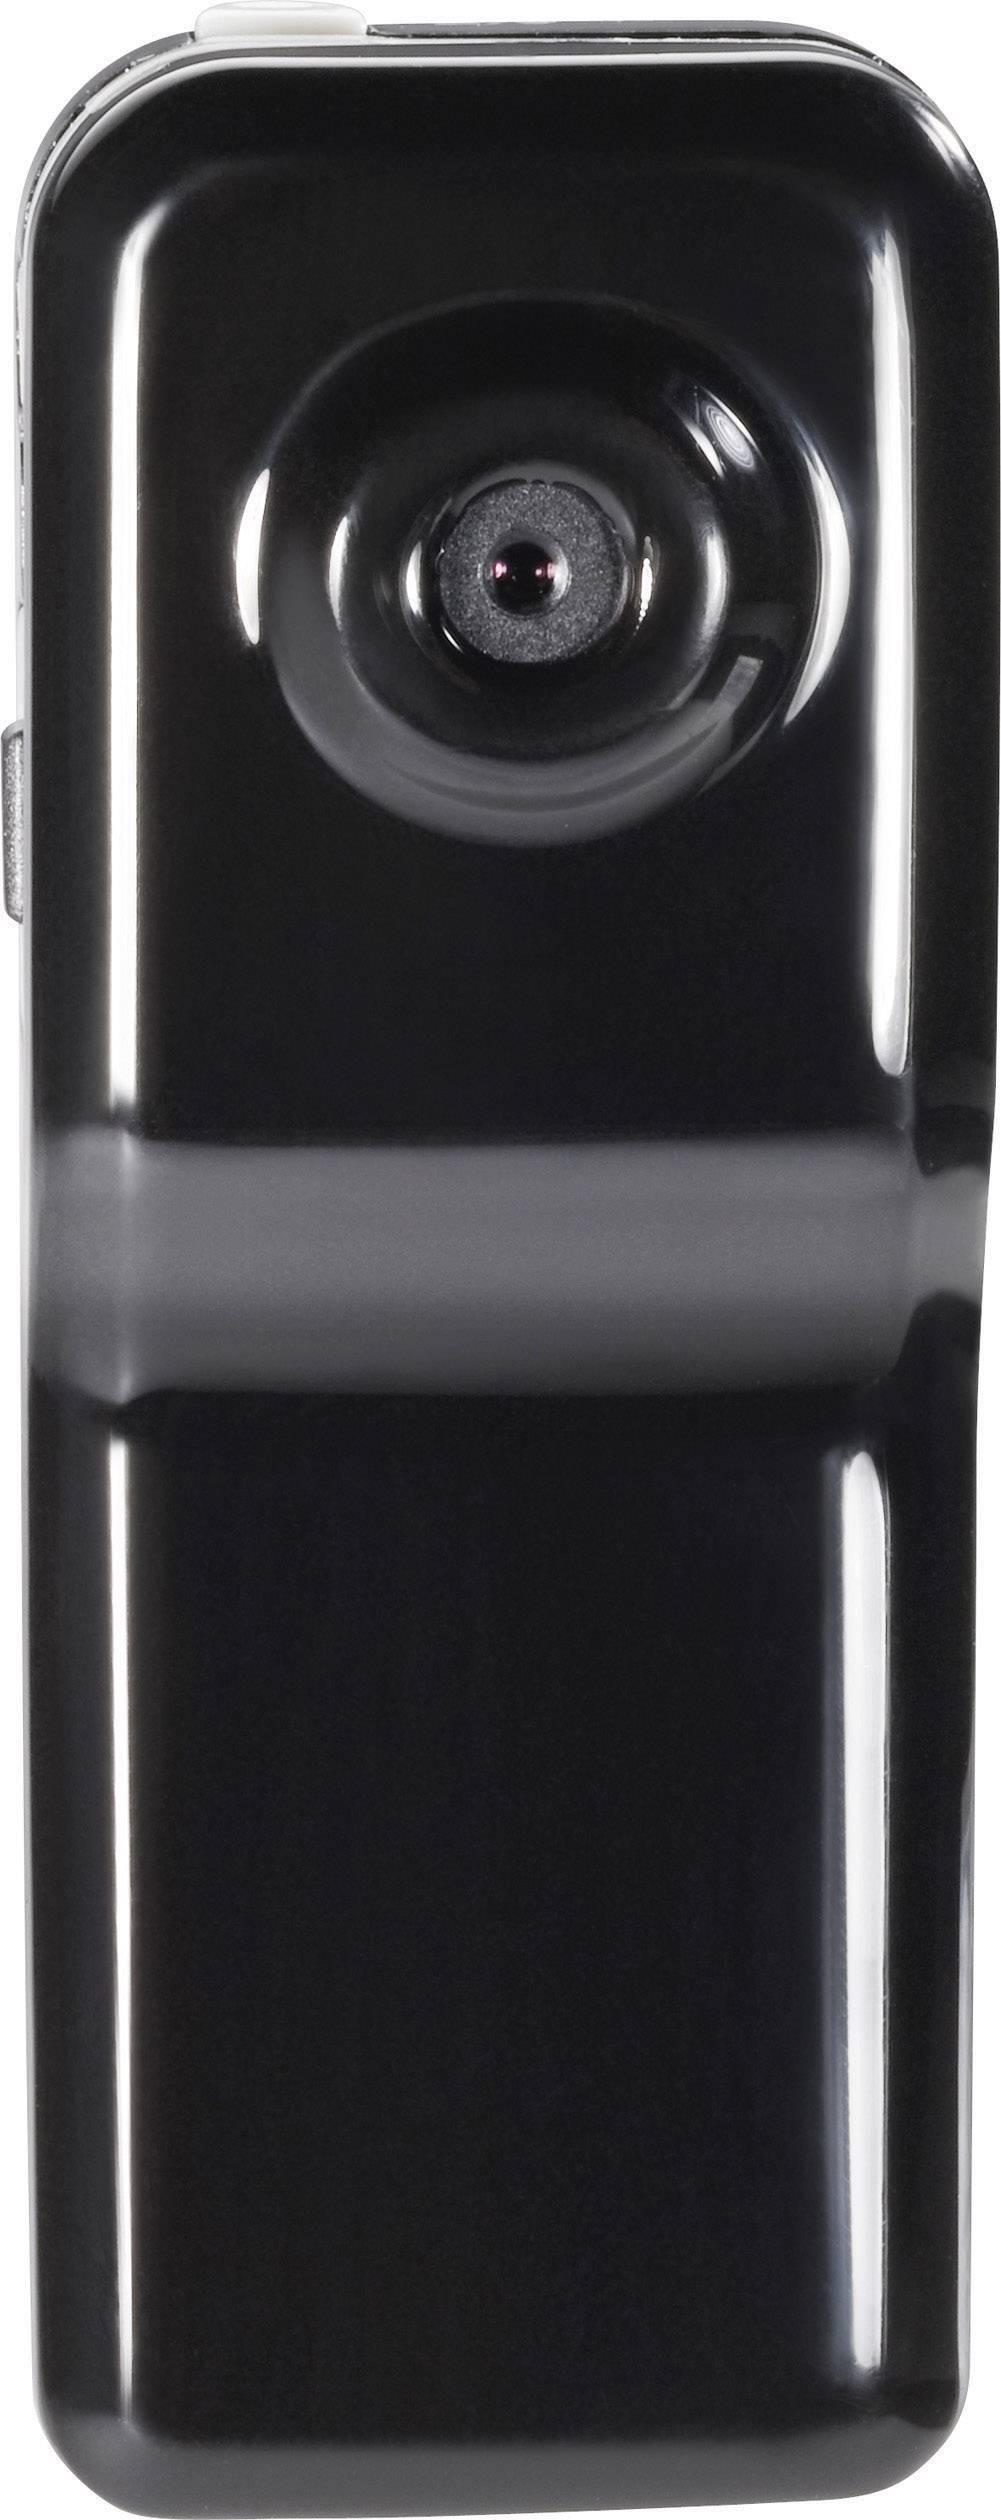 Mini pozorovacia kamera TD8 752315, 720 x 480 pix, 32 GB